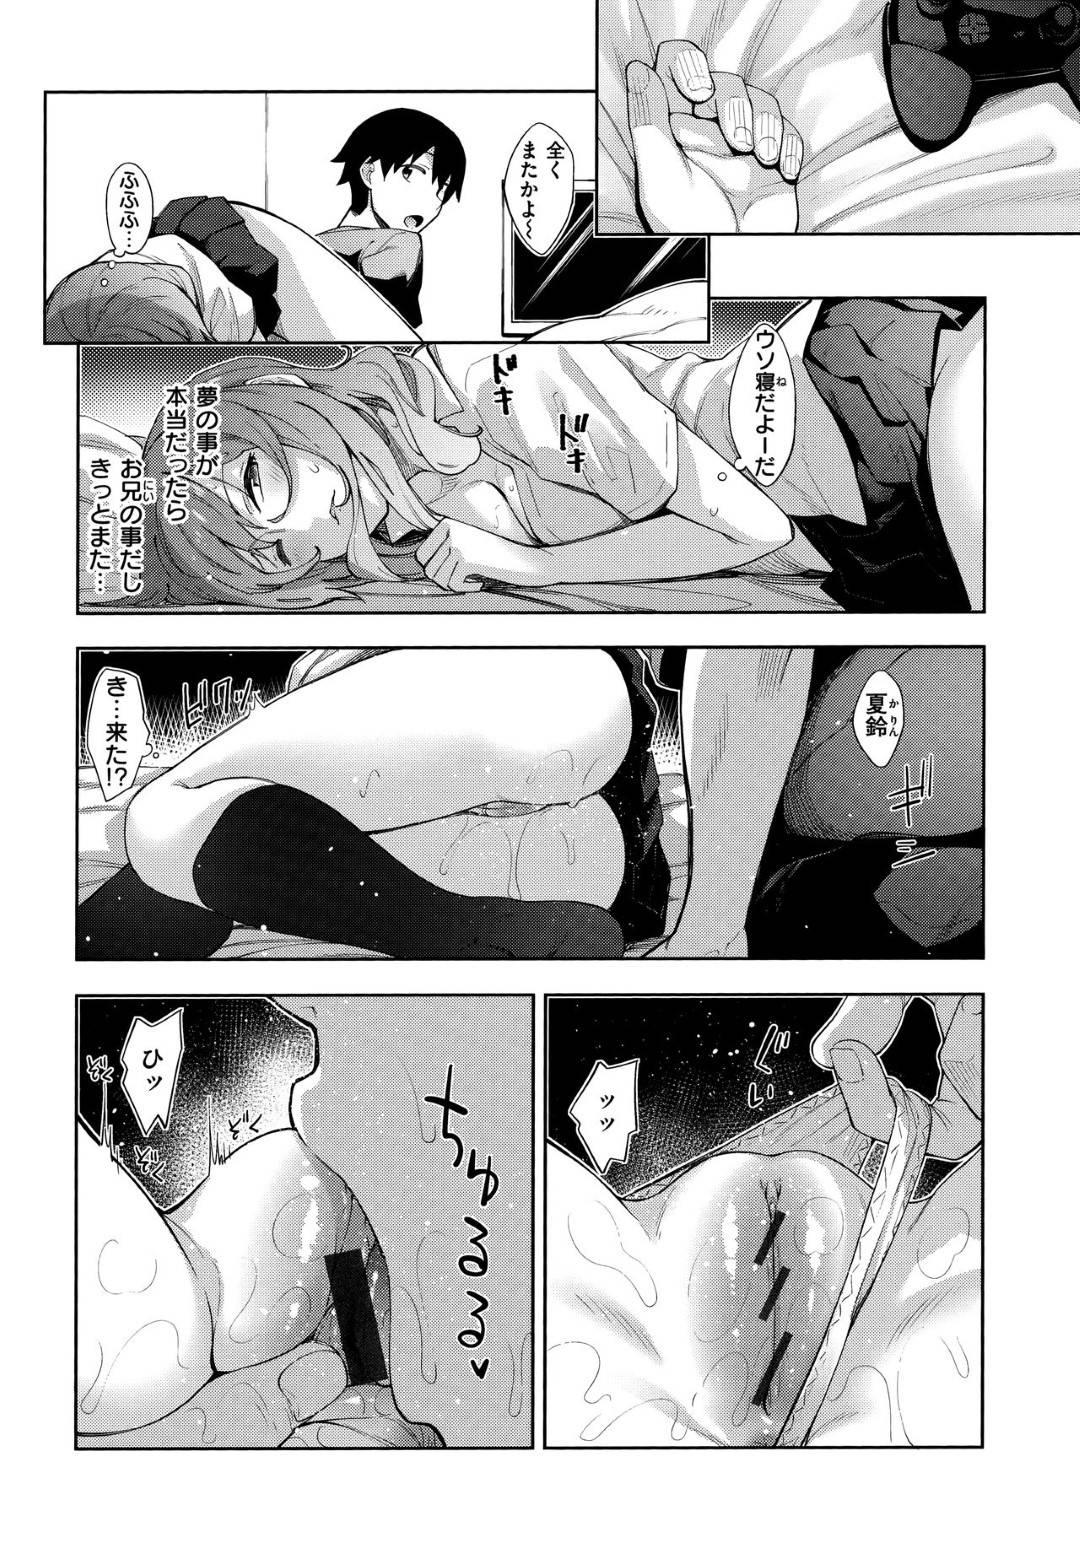 【エロ漫画】狸寝入りしているときに兄にクンニされるJK妹…寝たふりを続けたまま生ハメ中出しセックスしてイッてしまう【あきのそら:すりぃぷらぁにんぐ後編】